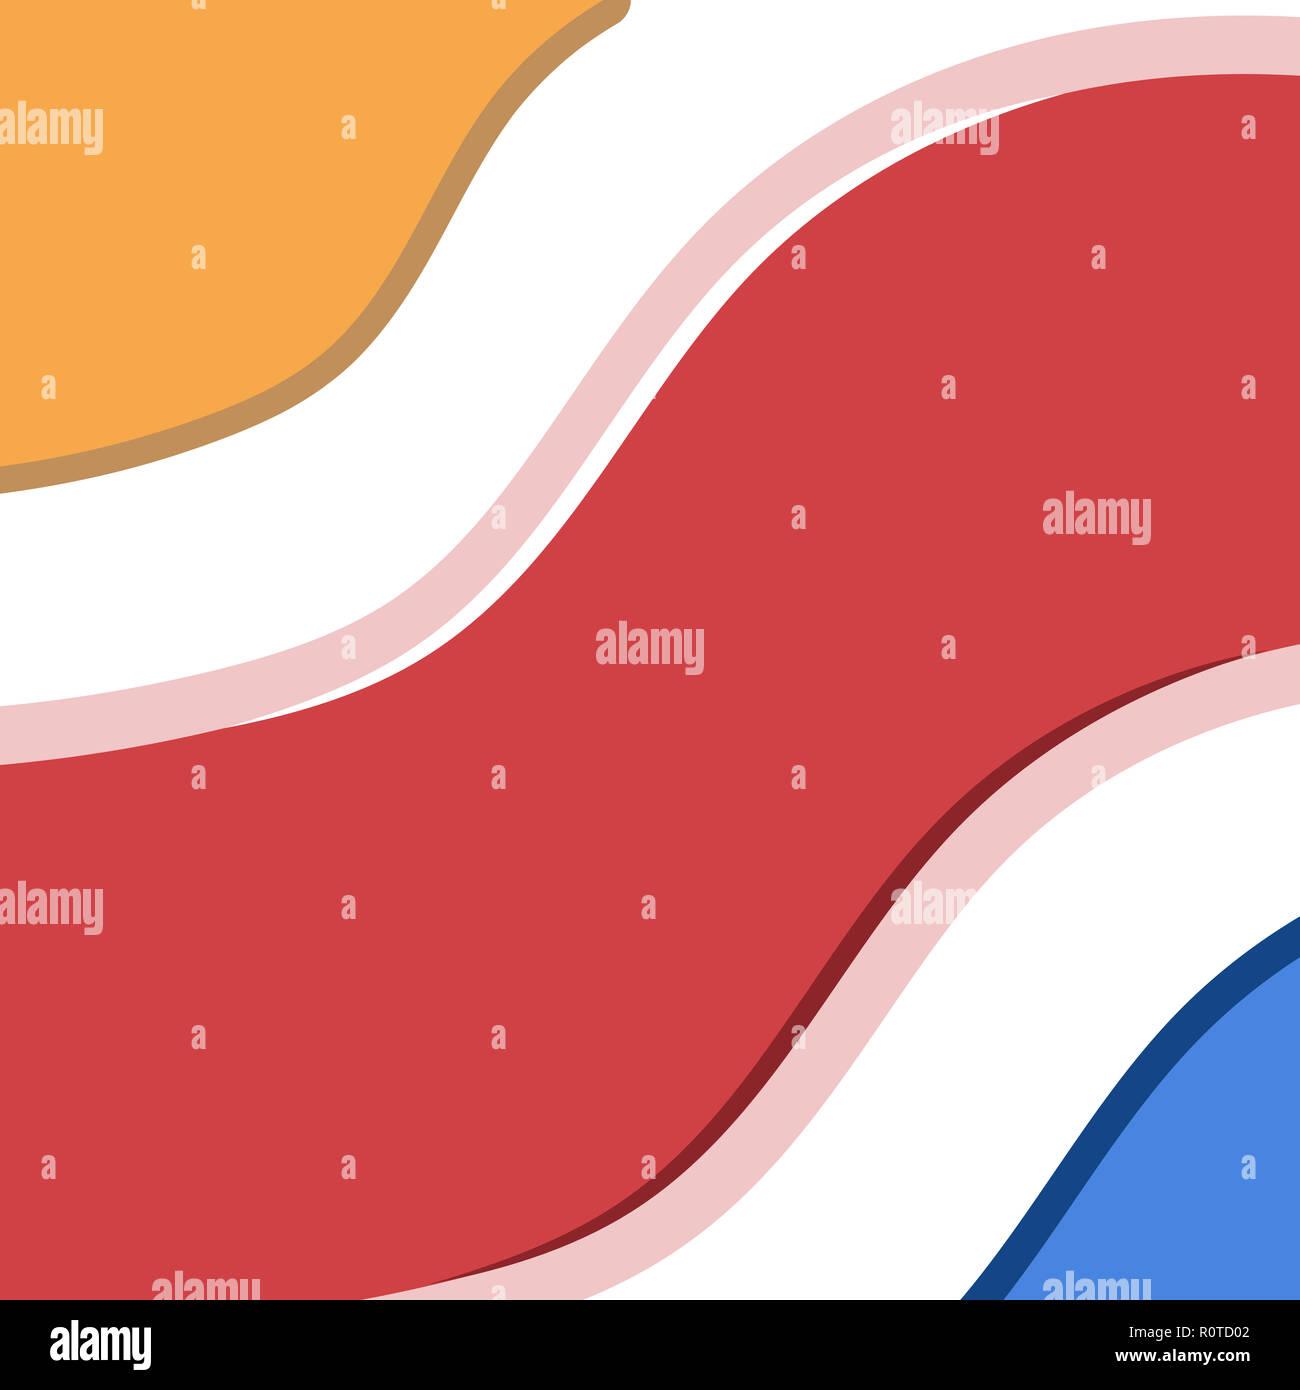 Coperchi minimale design. Colorate gradienti di mezzitoni. Futuro dei motivi geometrici. Eps10 file pronto Immagini Stock